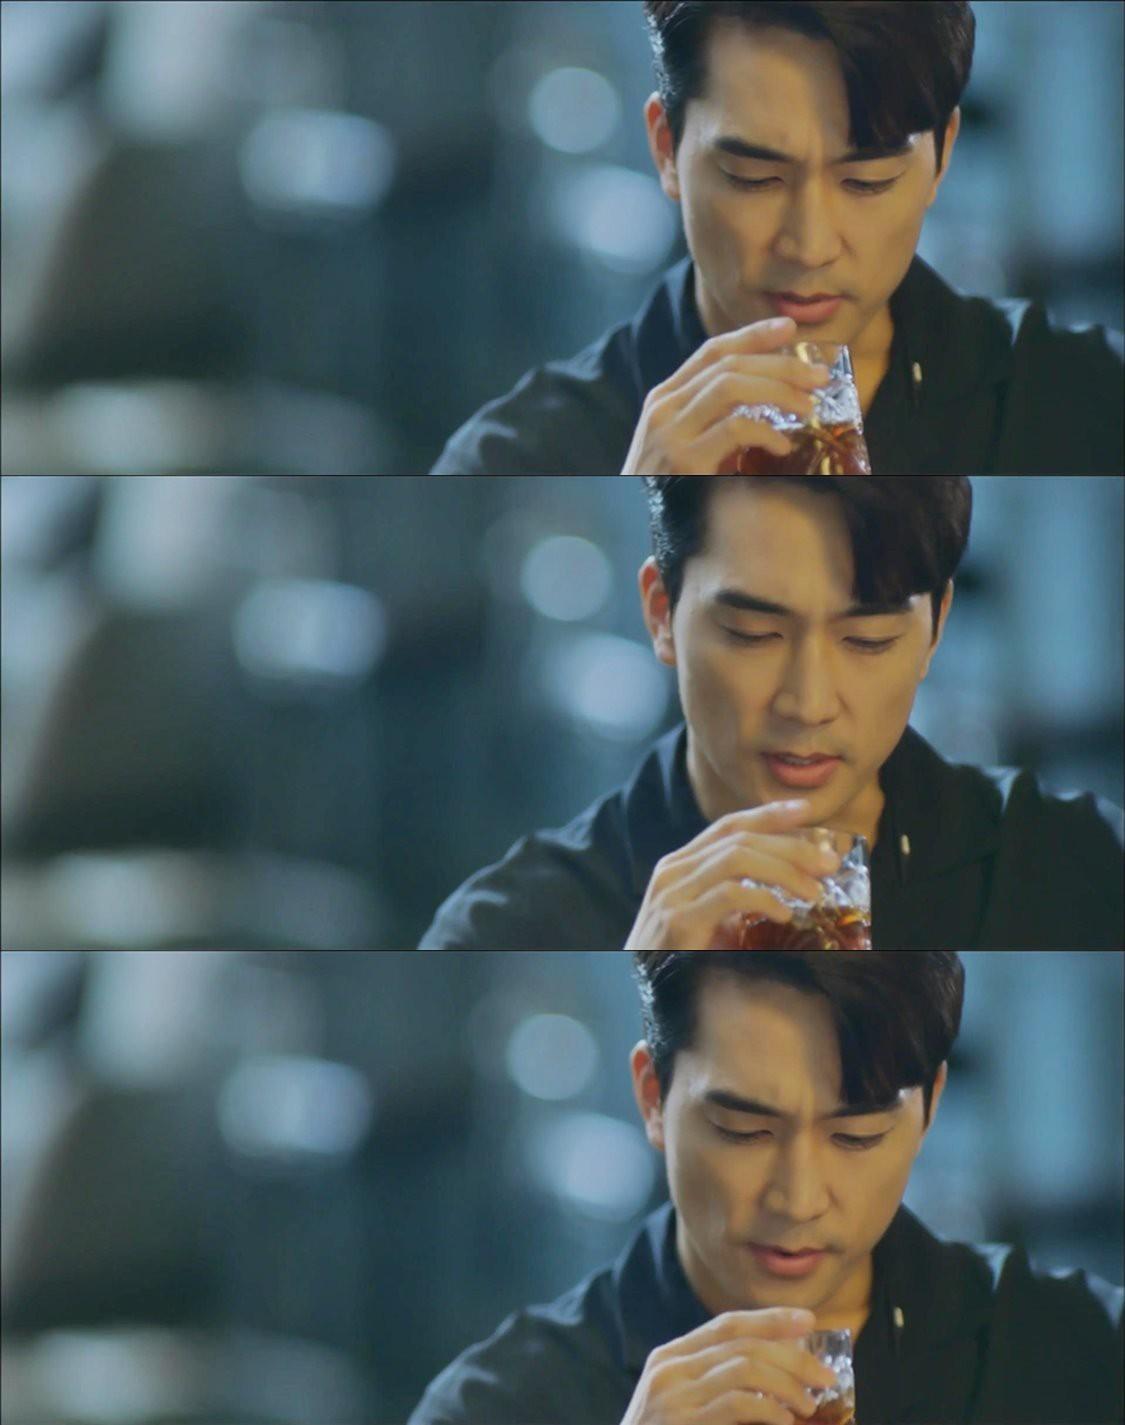 Đố bạn nhận ra ông chú đầu nấm này lại chính là... tài tử Song Seung Hun - Hình 1